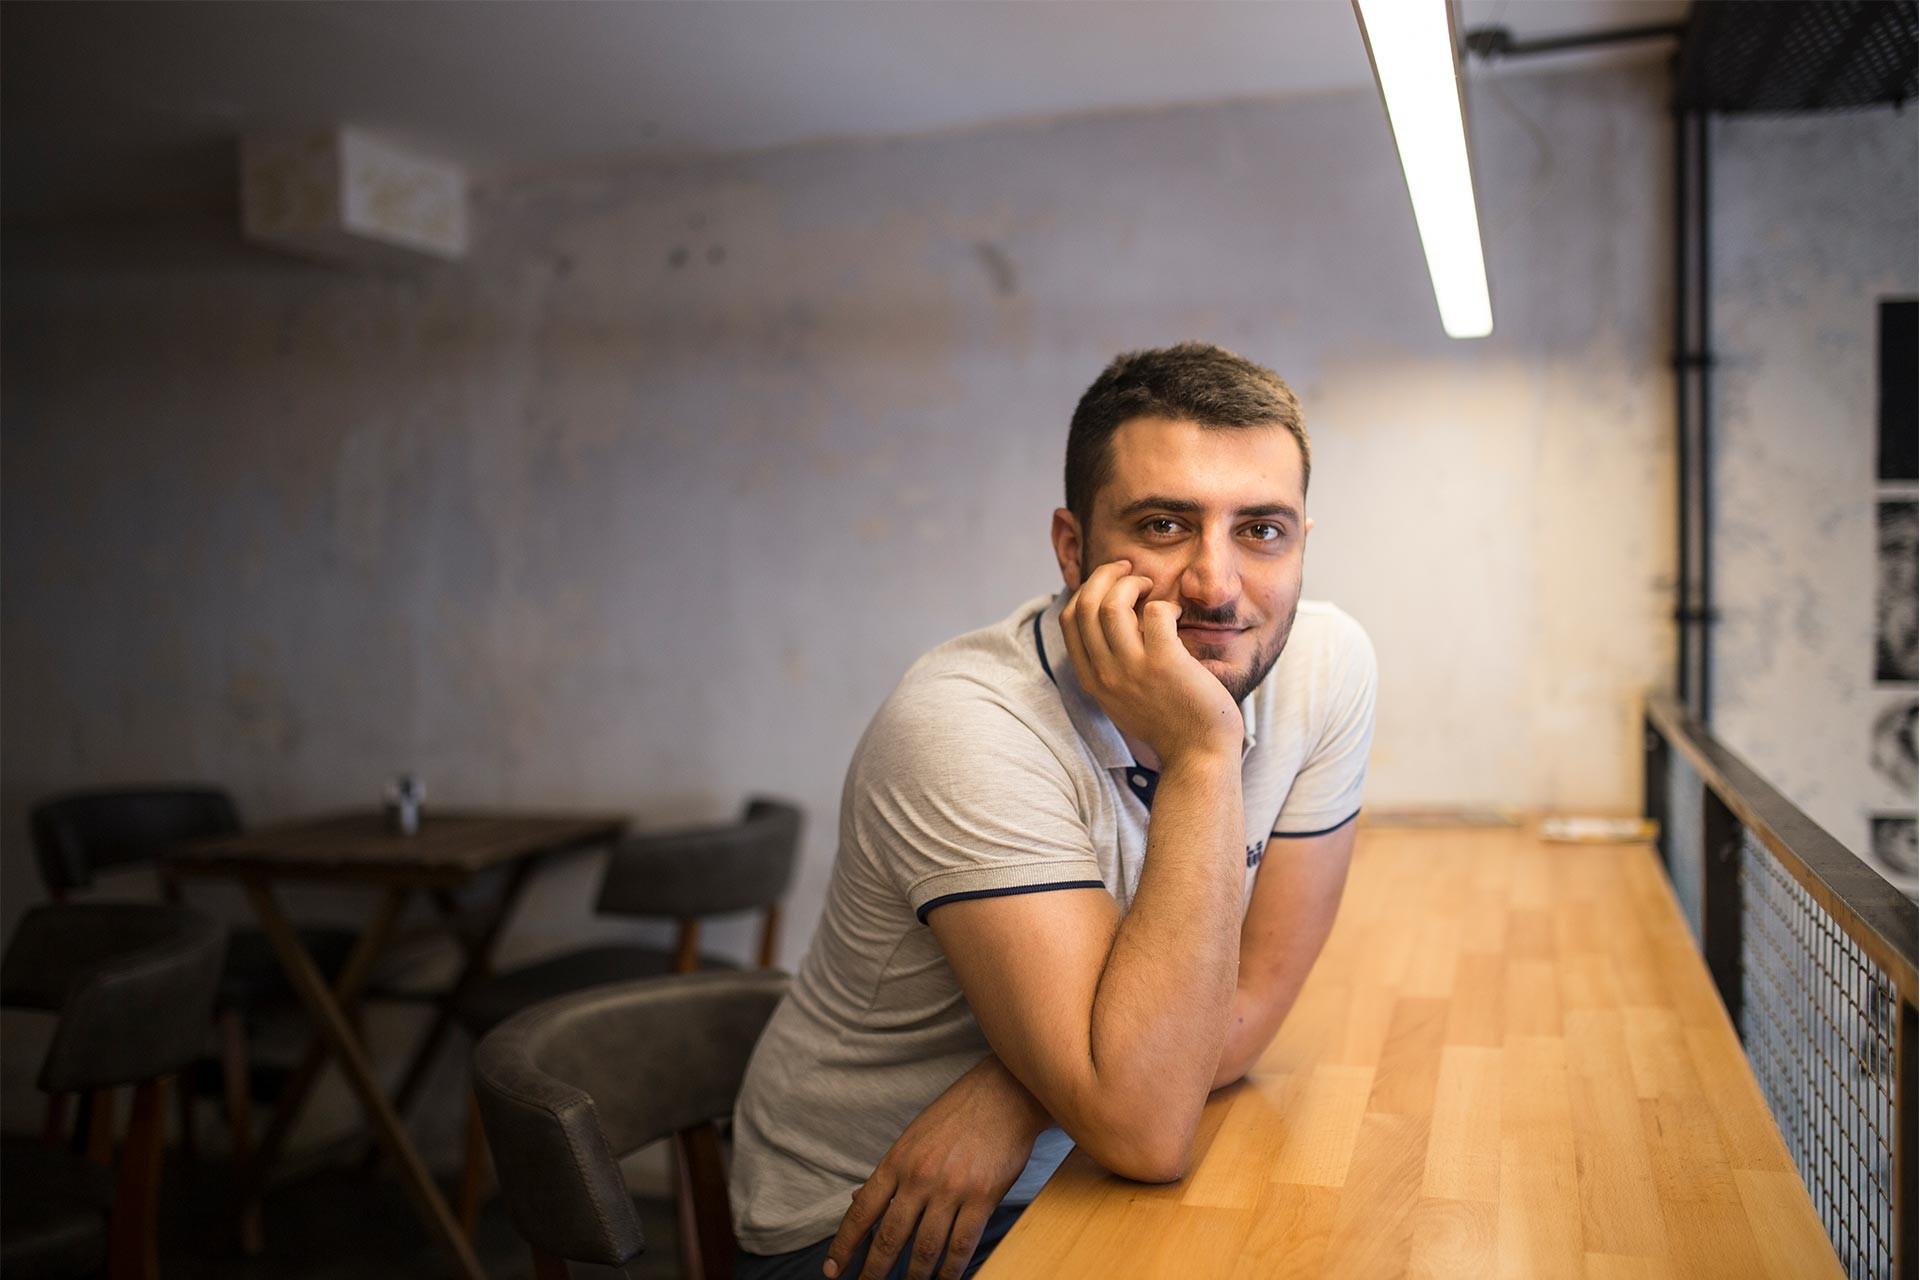 Yazar/Yönetmen Soner Sert: Kürdün kendi gerçekliğiyle  sinema yapması engelleniyor